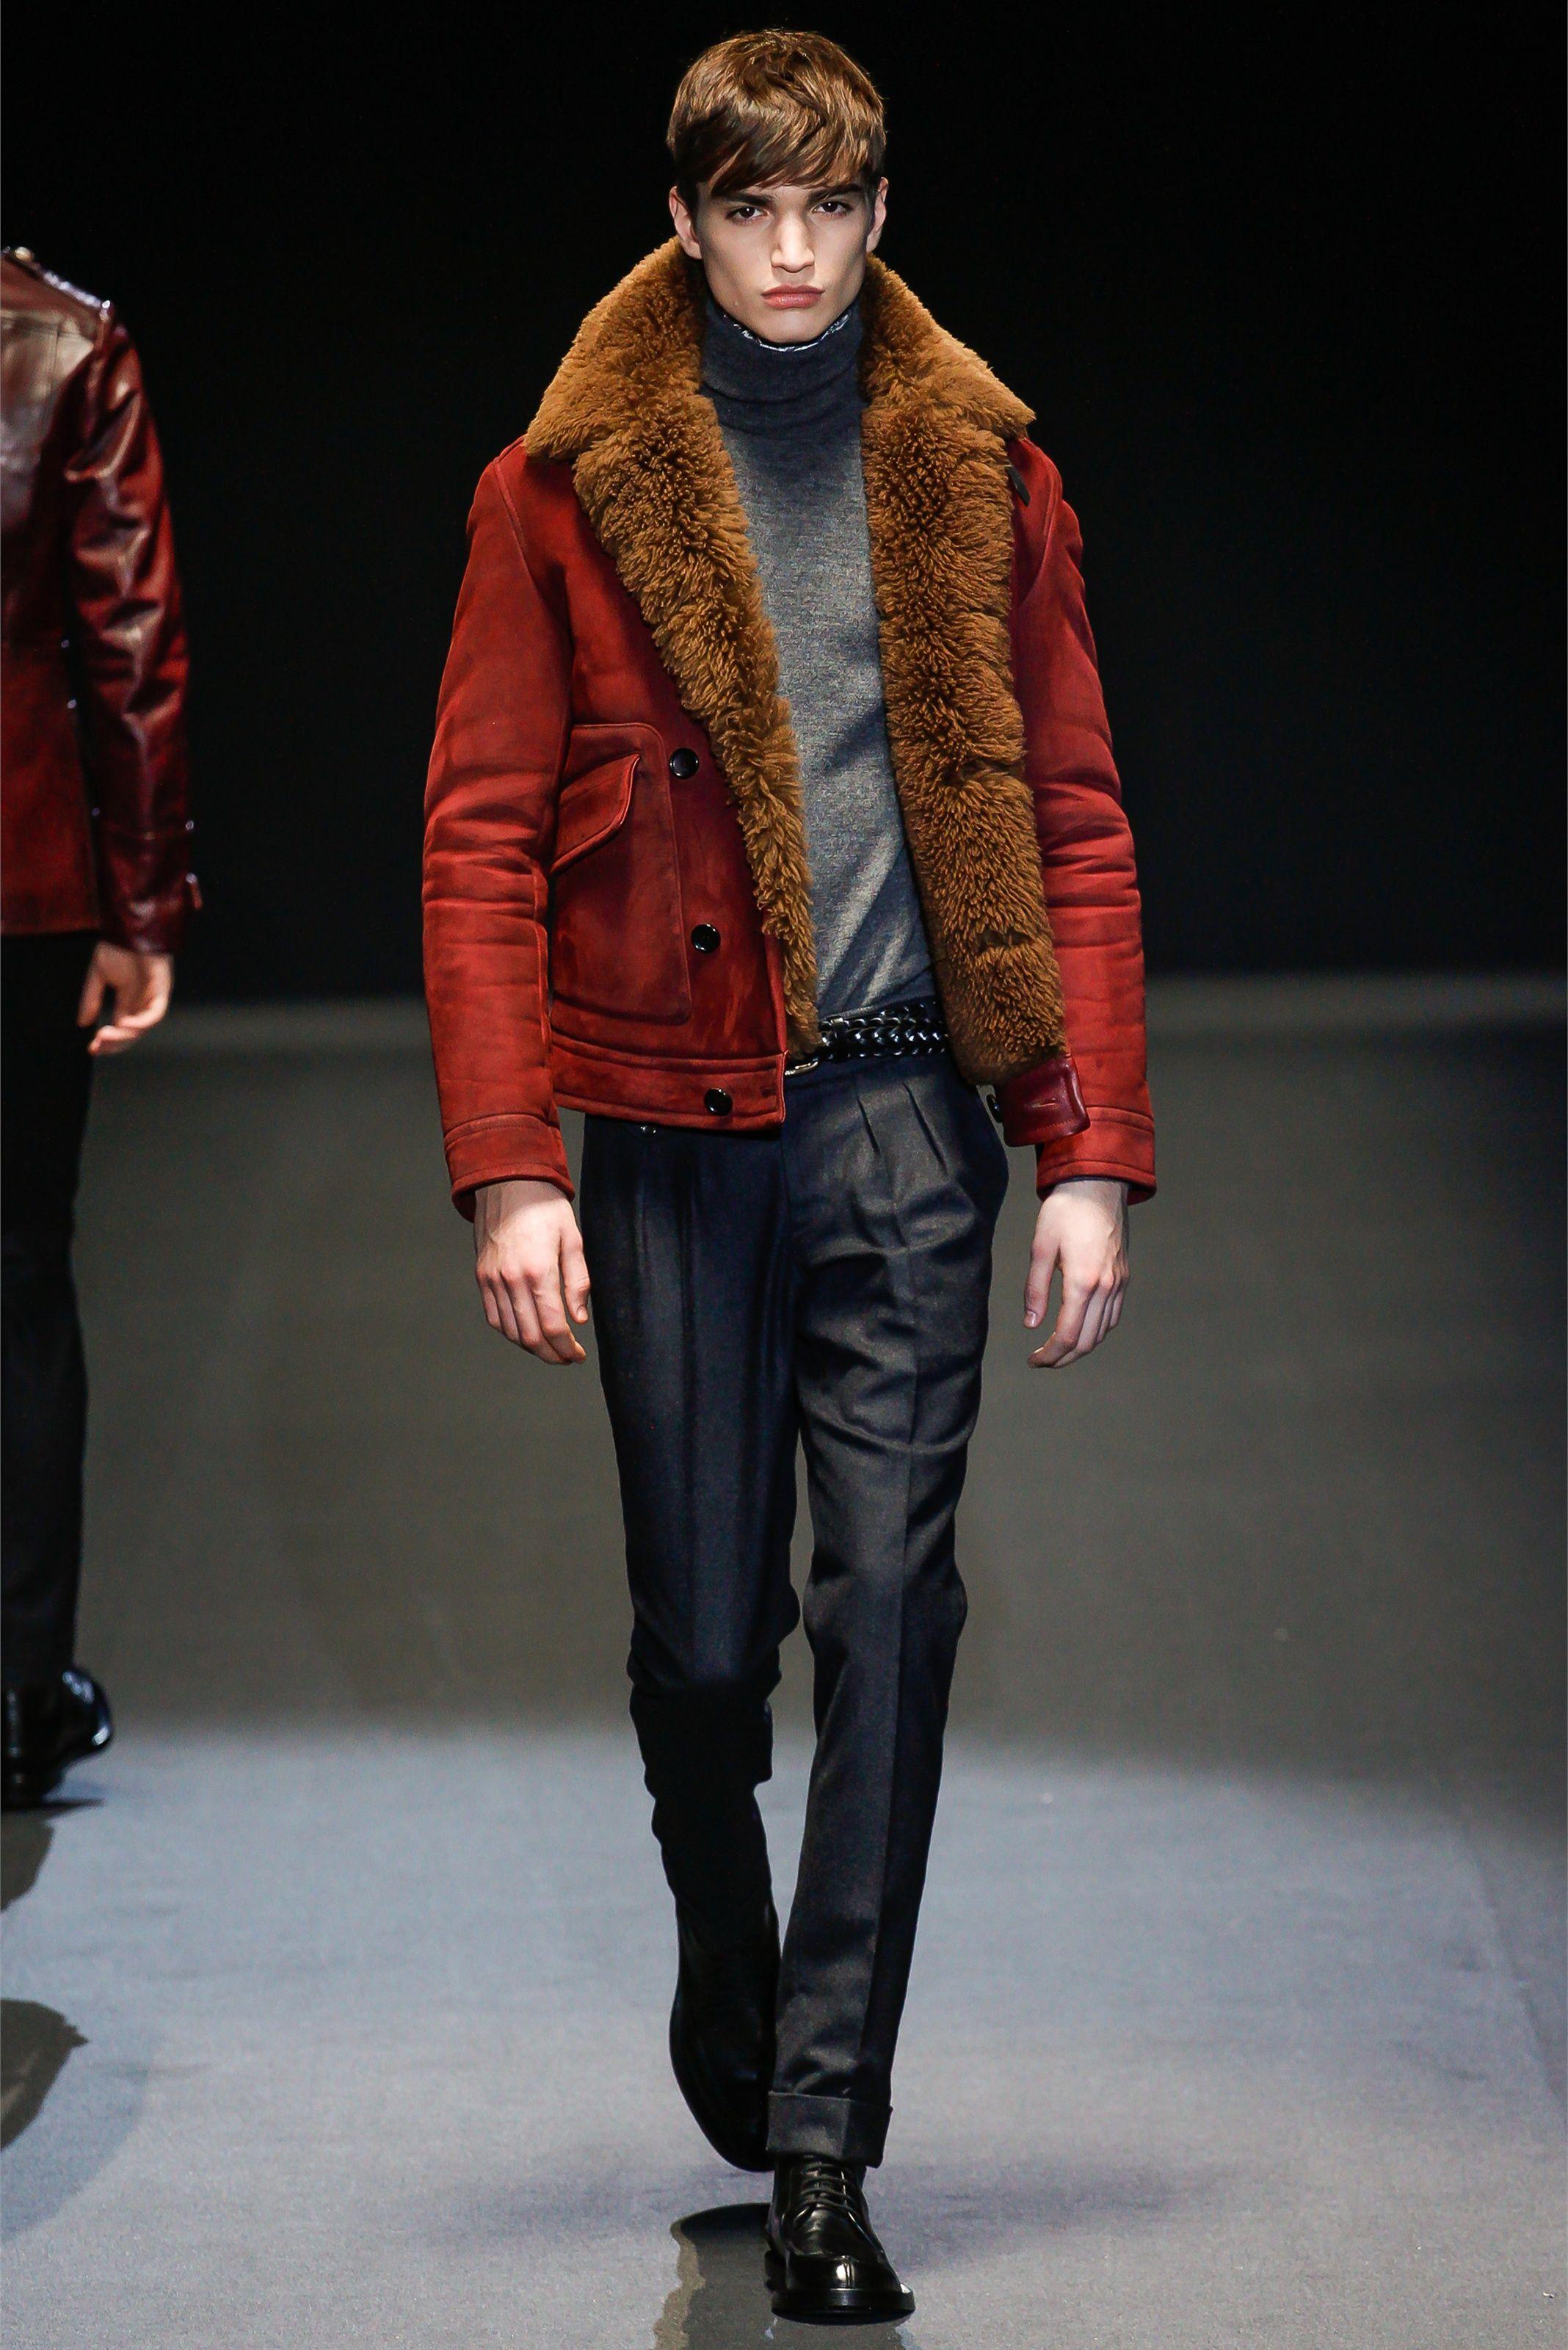 gucci Milano Moda Uomo Autunno Inverno 2013-14 - Vogue Look  17 ... 9a3749ecdfc